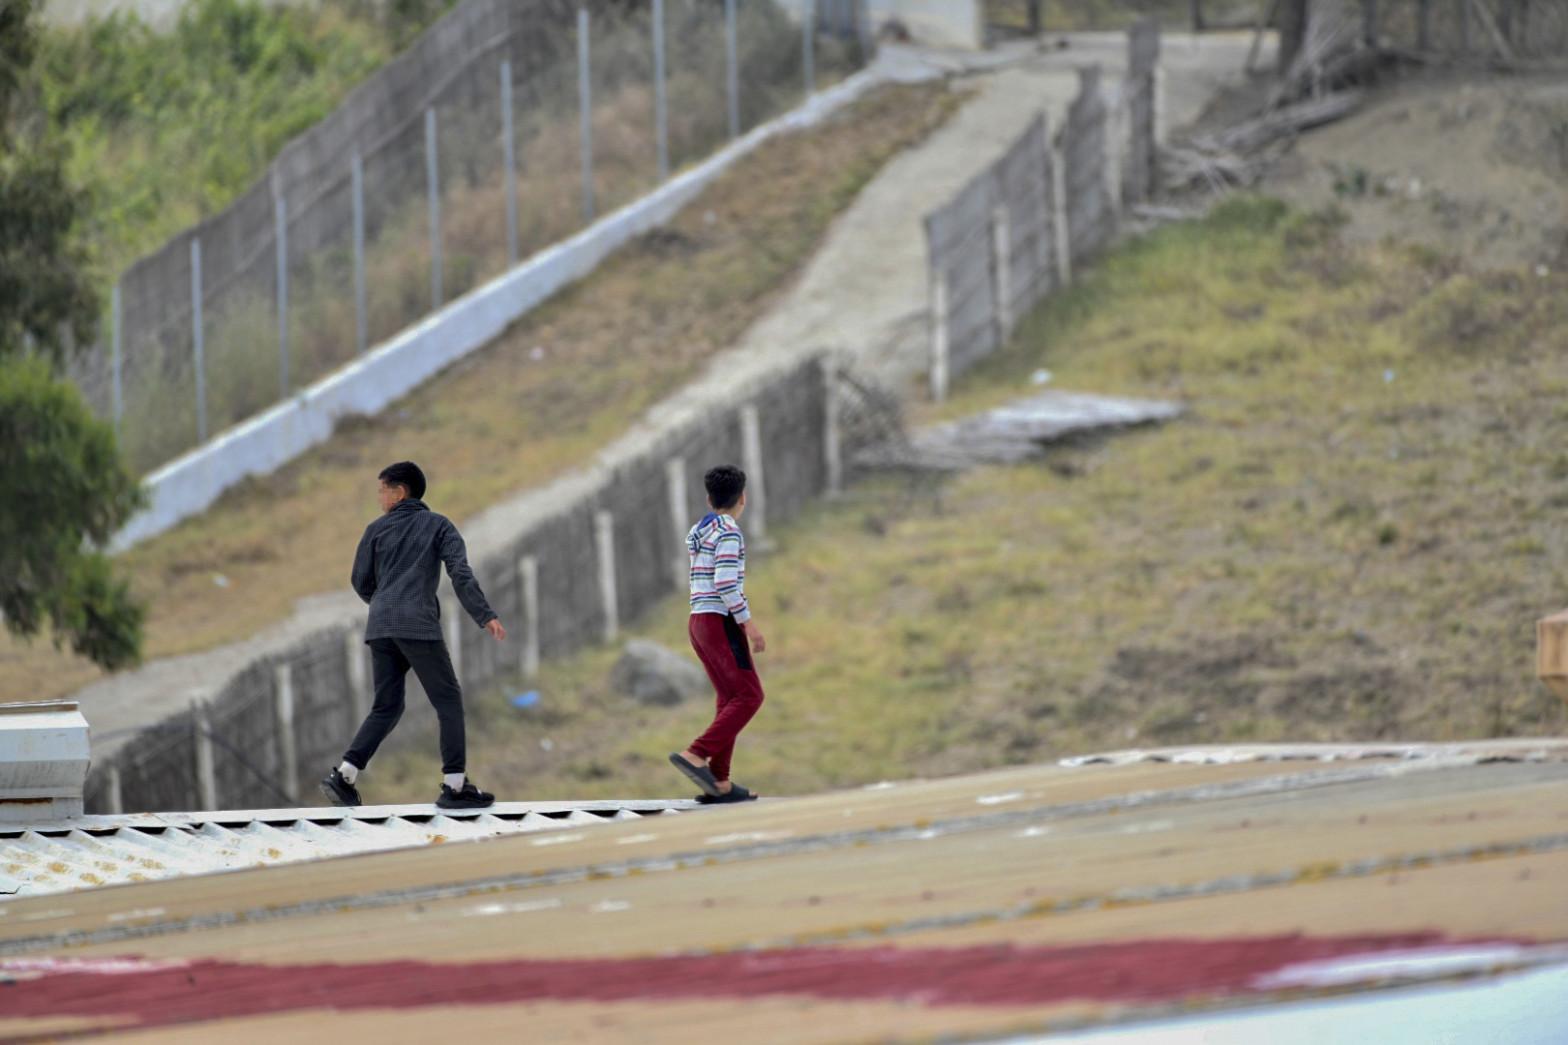 La cifra de migrantes menores llegados a Ceuta triplica los 519 registrados hasta marzo en España